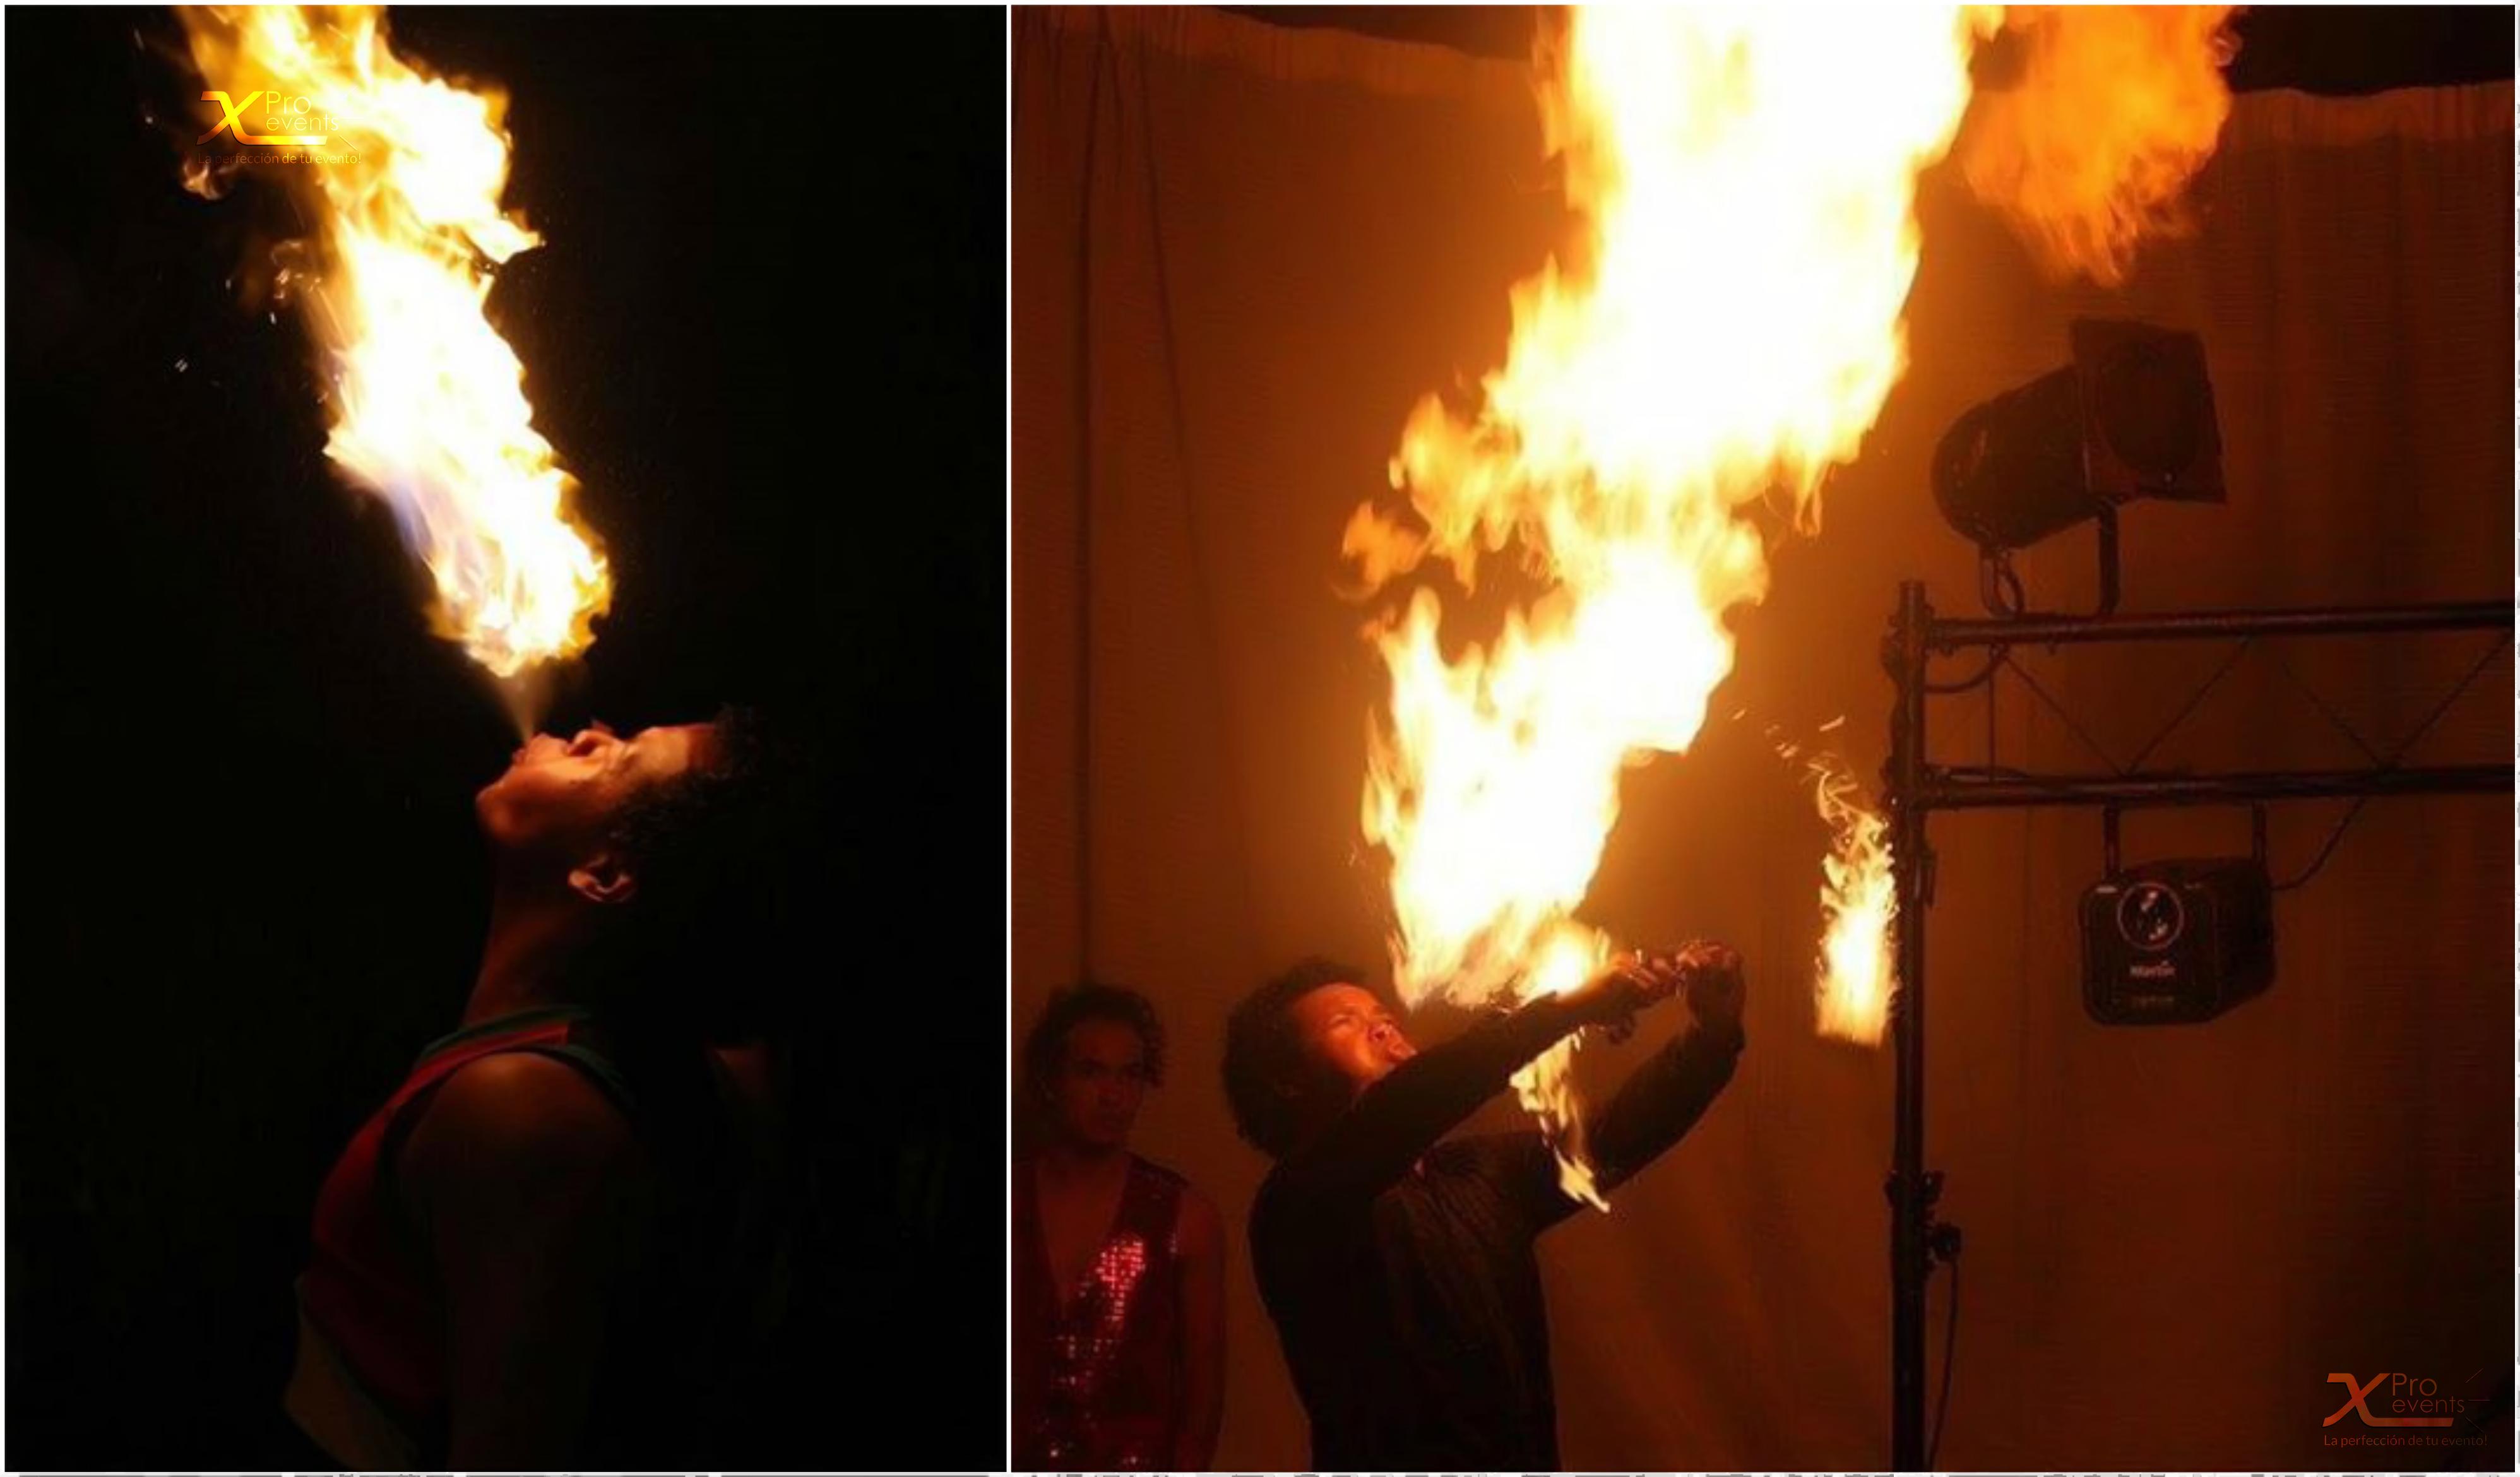 Escupe fuego - Hora Loca - X Pro events